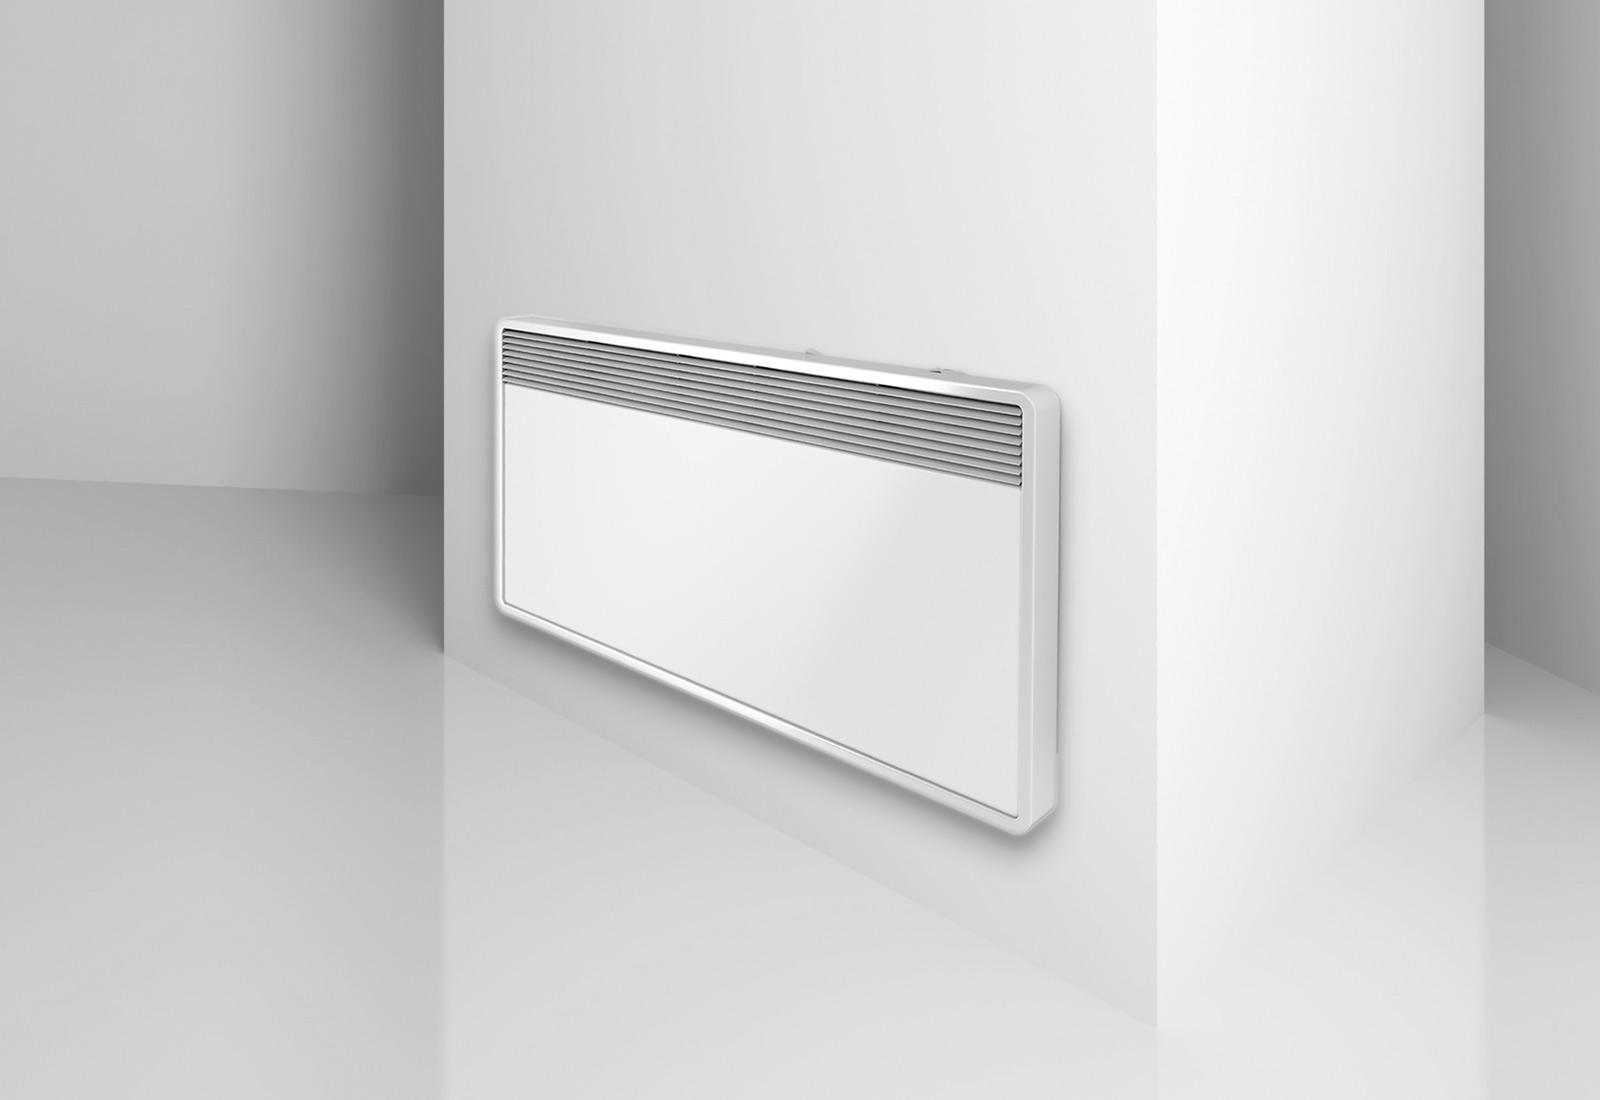 choisir des convecteurs lectriques une bonne solution conseils. Black Bedroom Furniture Sets. Home Design Ideas